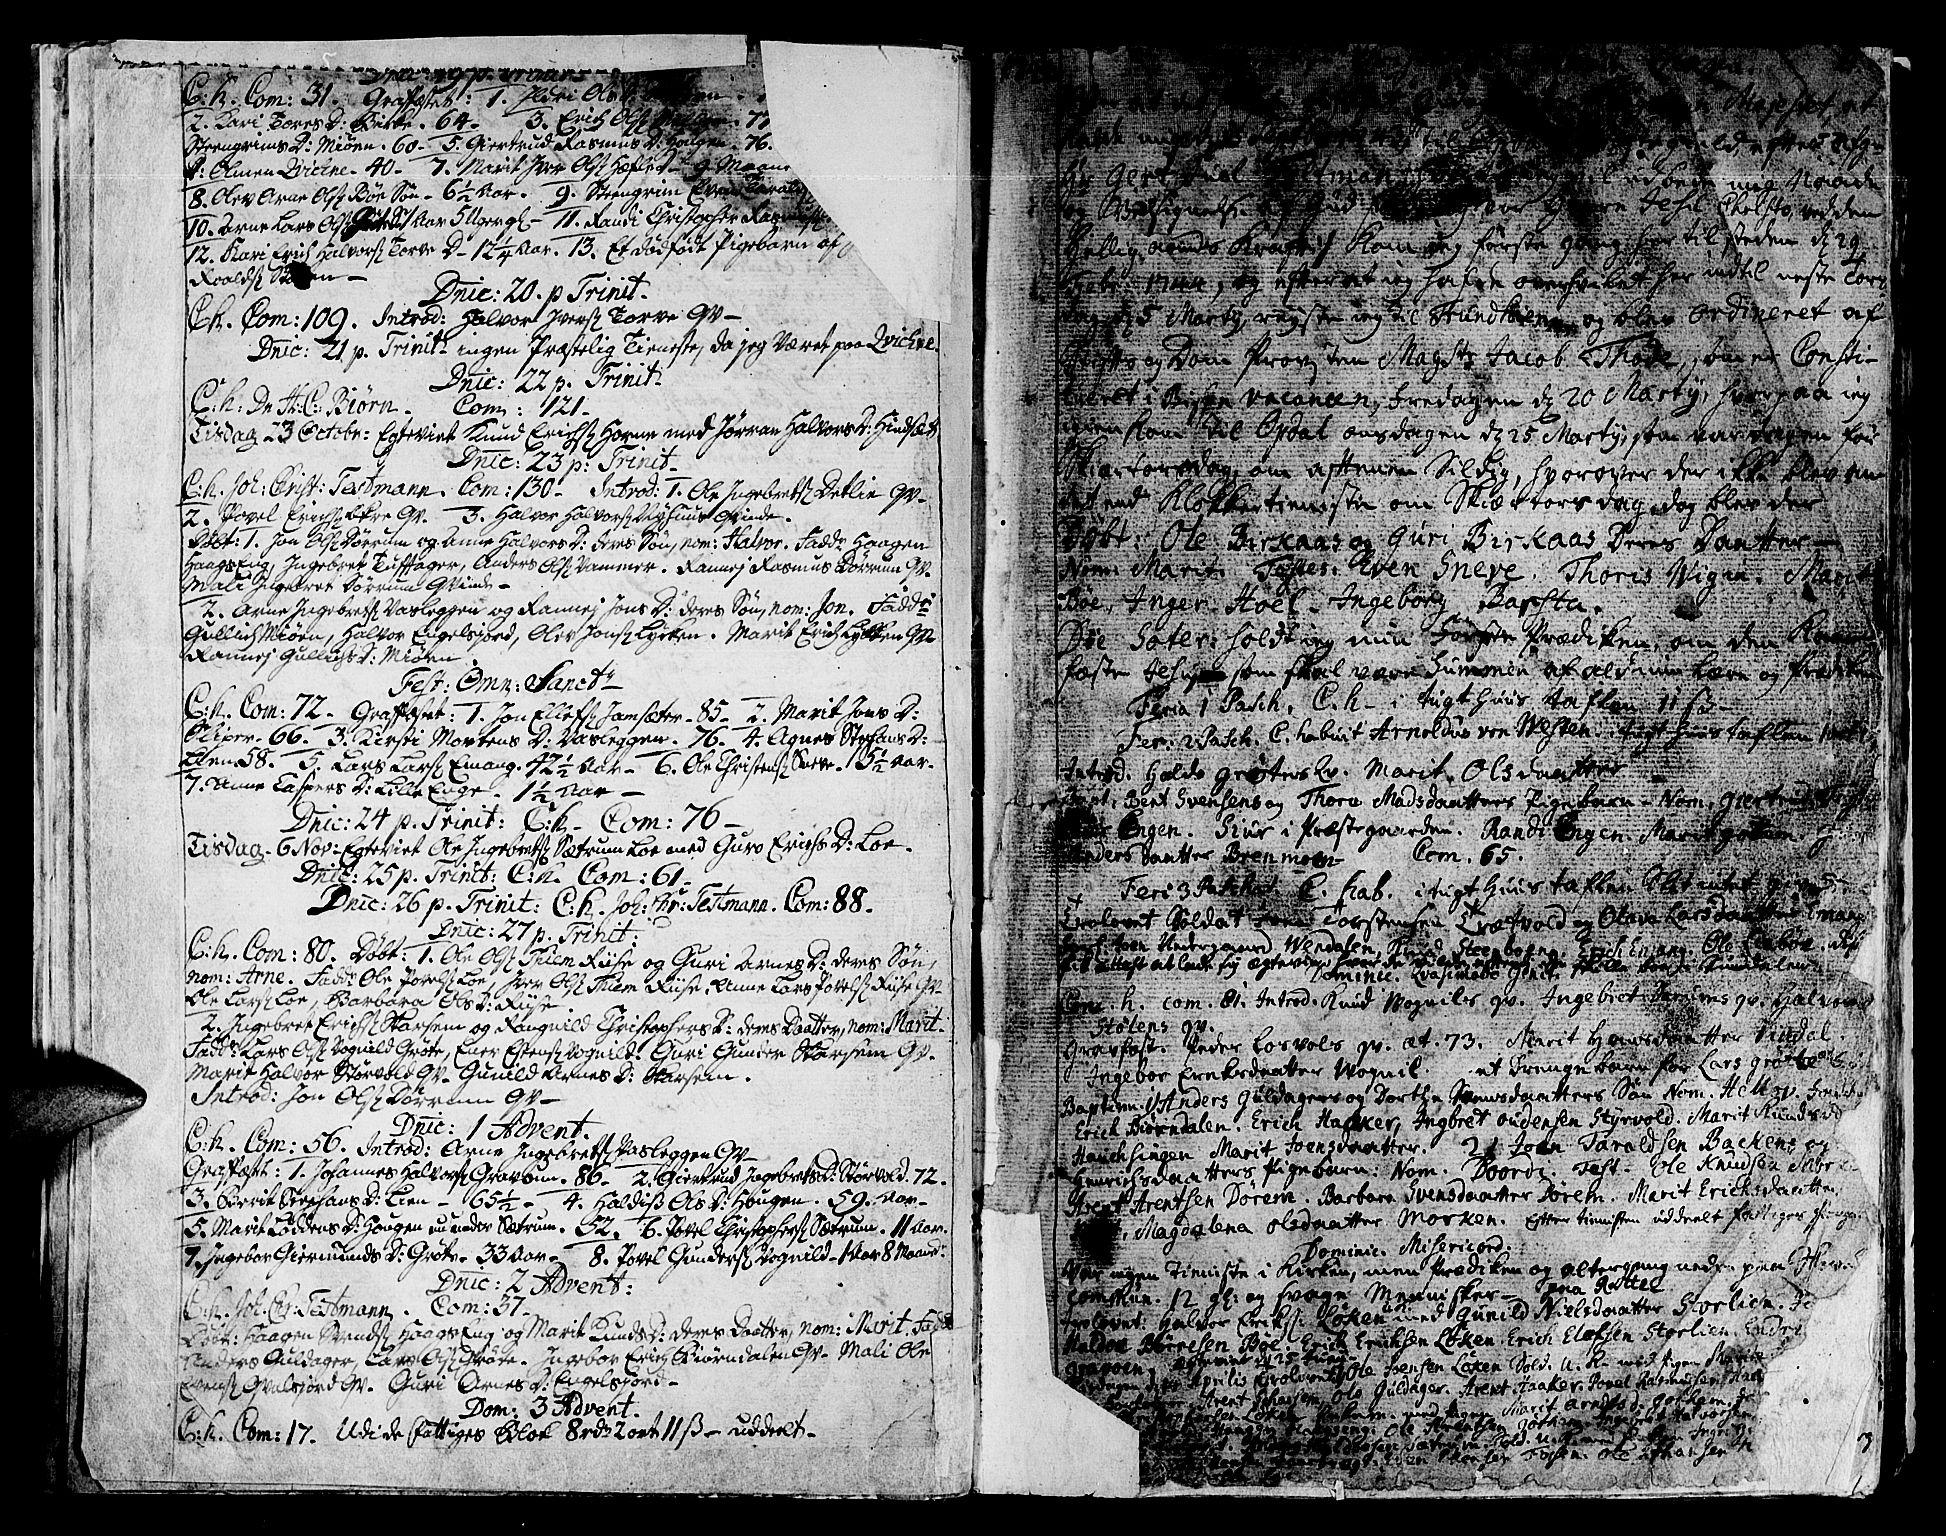 SAT, Ministerialprotokoller, klokkerbøker og fødselsregistre - Sør-Trøndelag, 678/L0891: Ministerialbok nr. 678A01, 1739-1780, s. 21